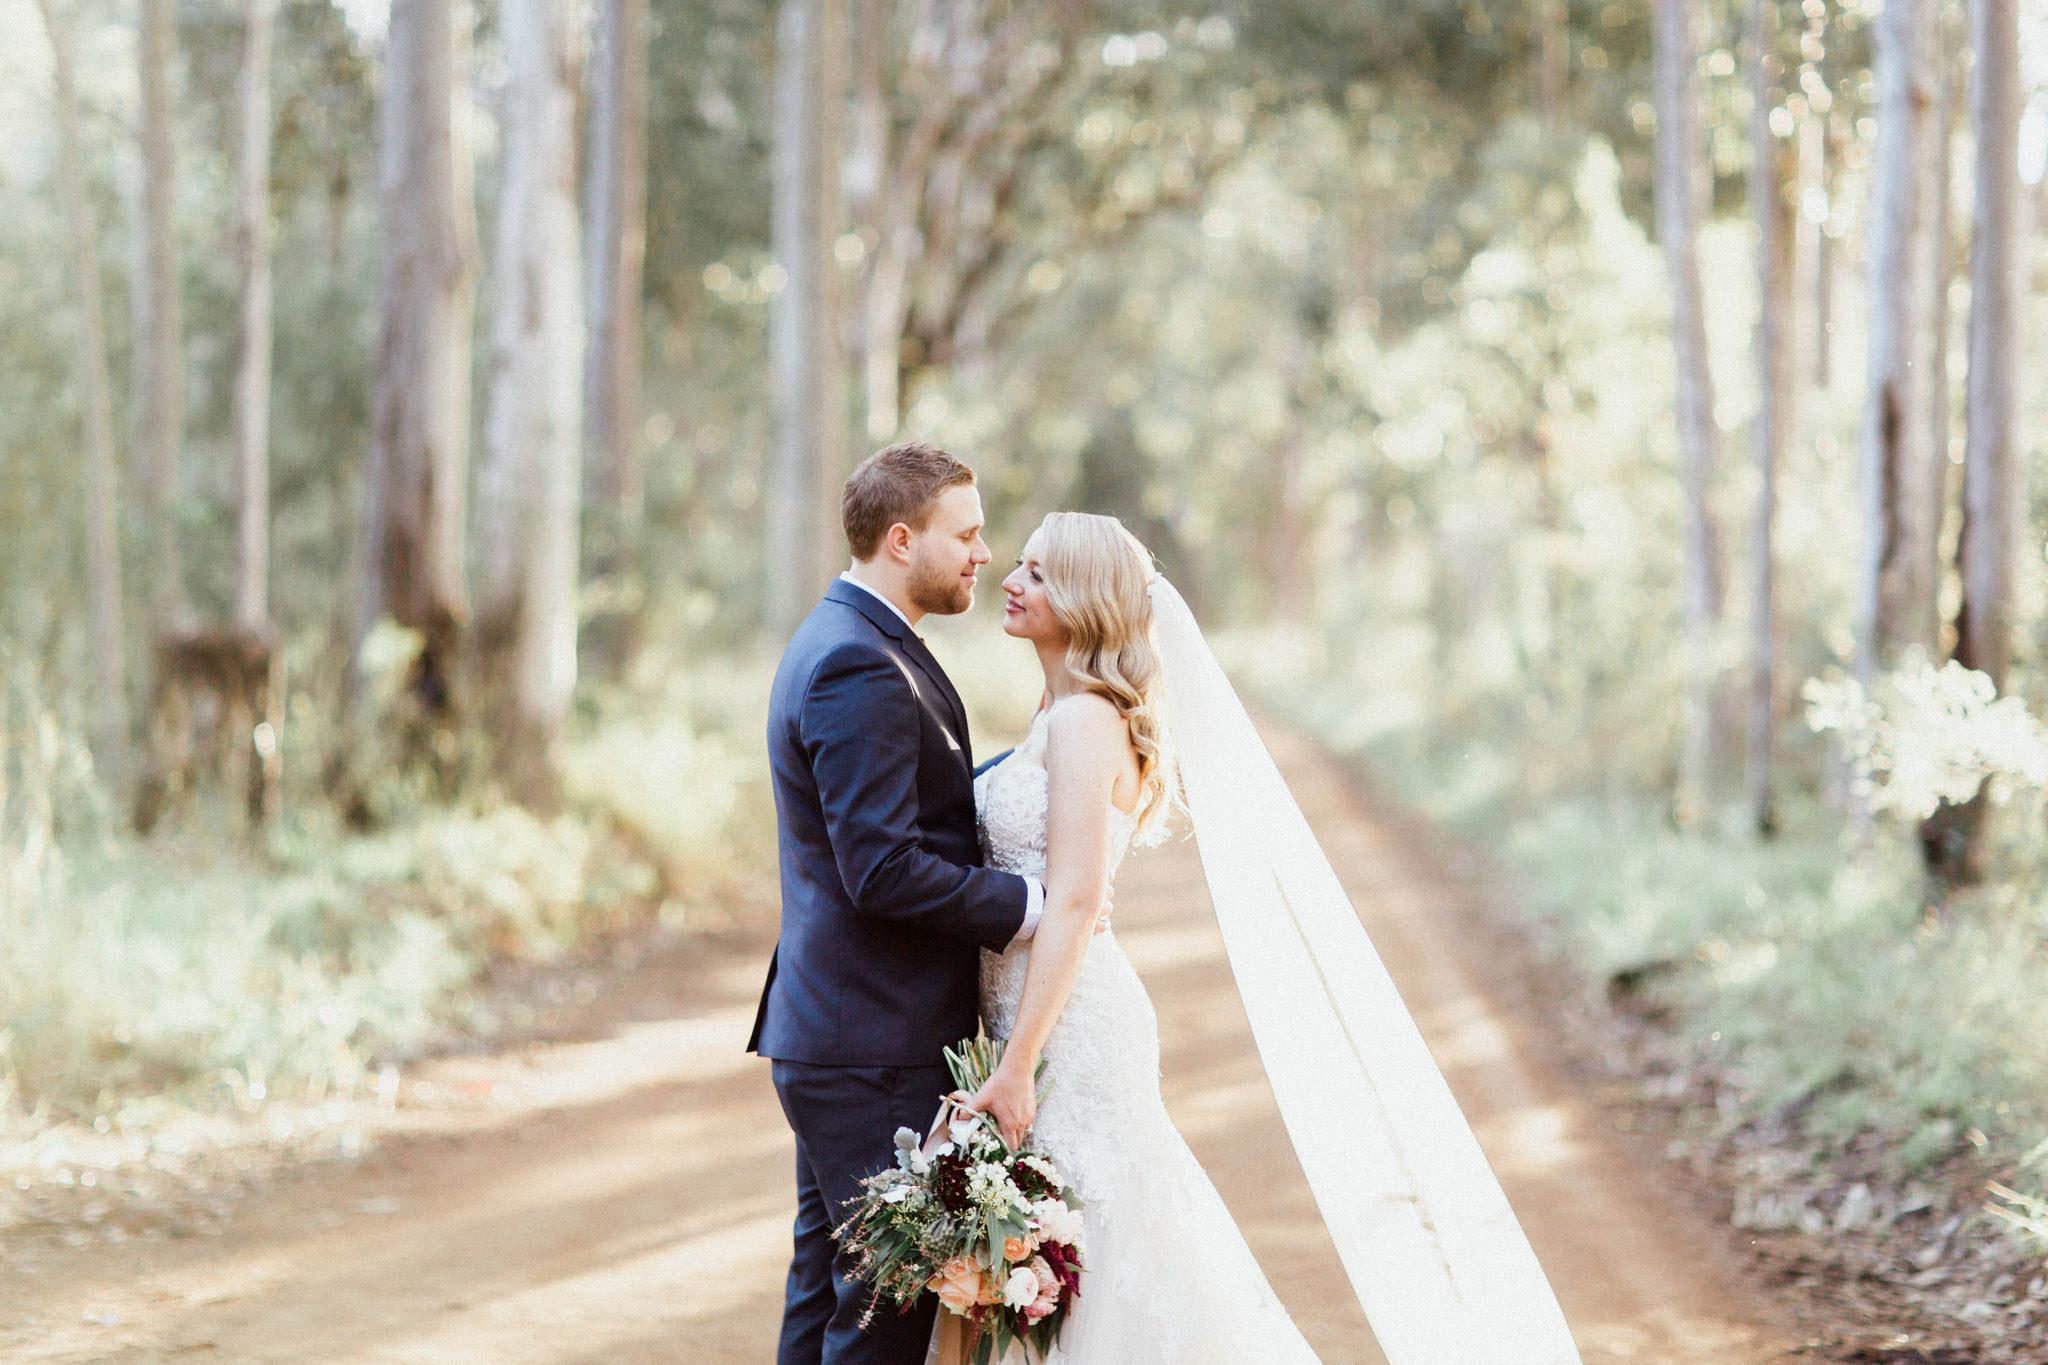 WeddingPhotos_Facebook_2048pixels-1093.jpg